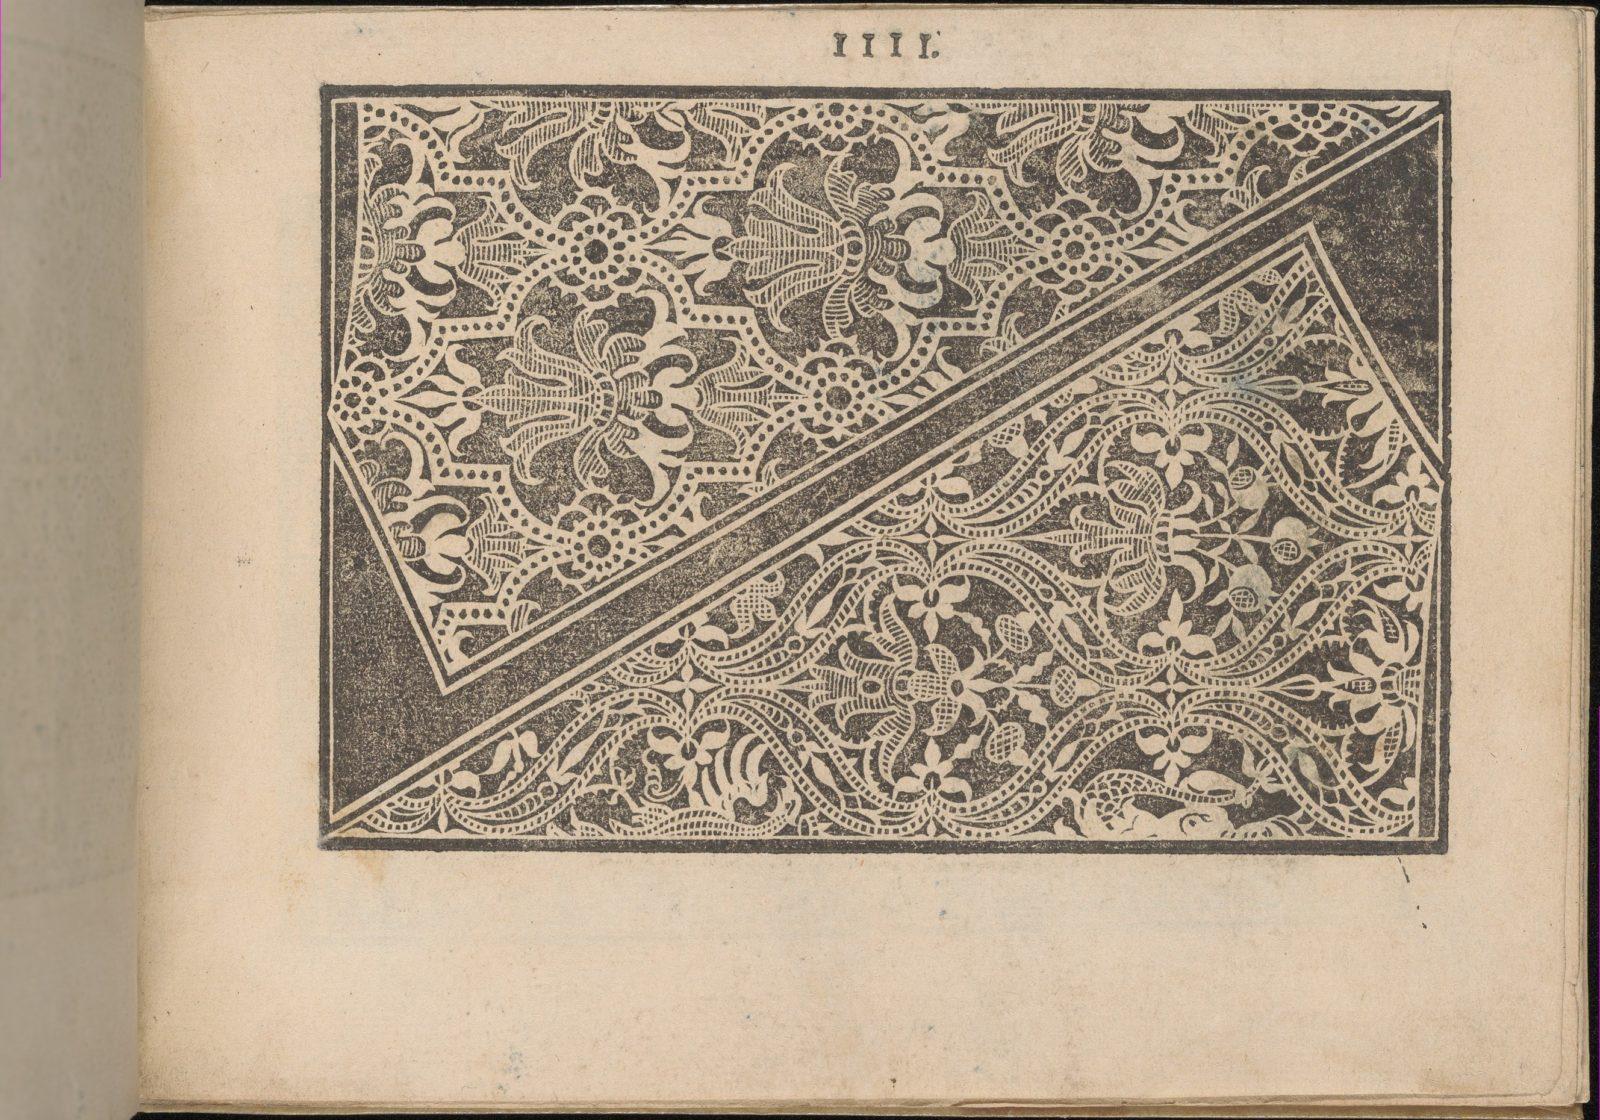 Prima Parte de' Fiori, e Disegni di varie sorti di Ricami Moderni, page 4 (recto)